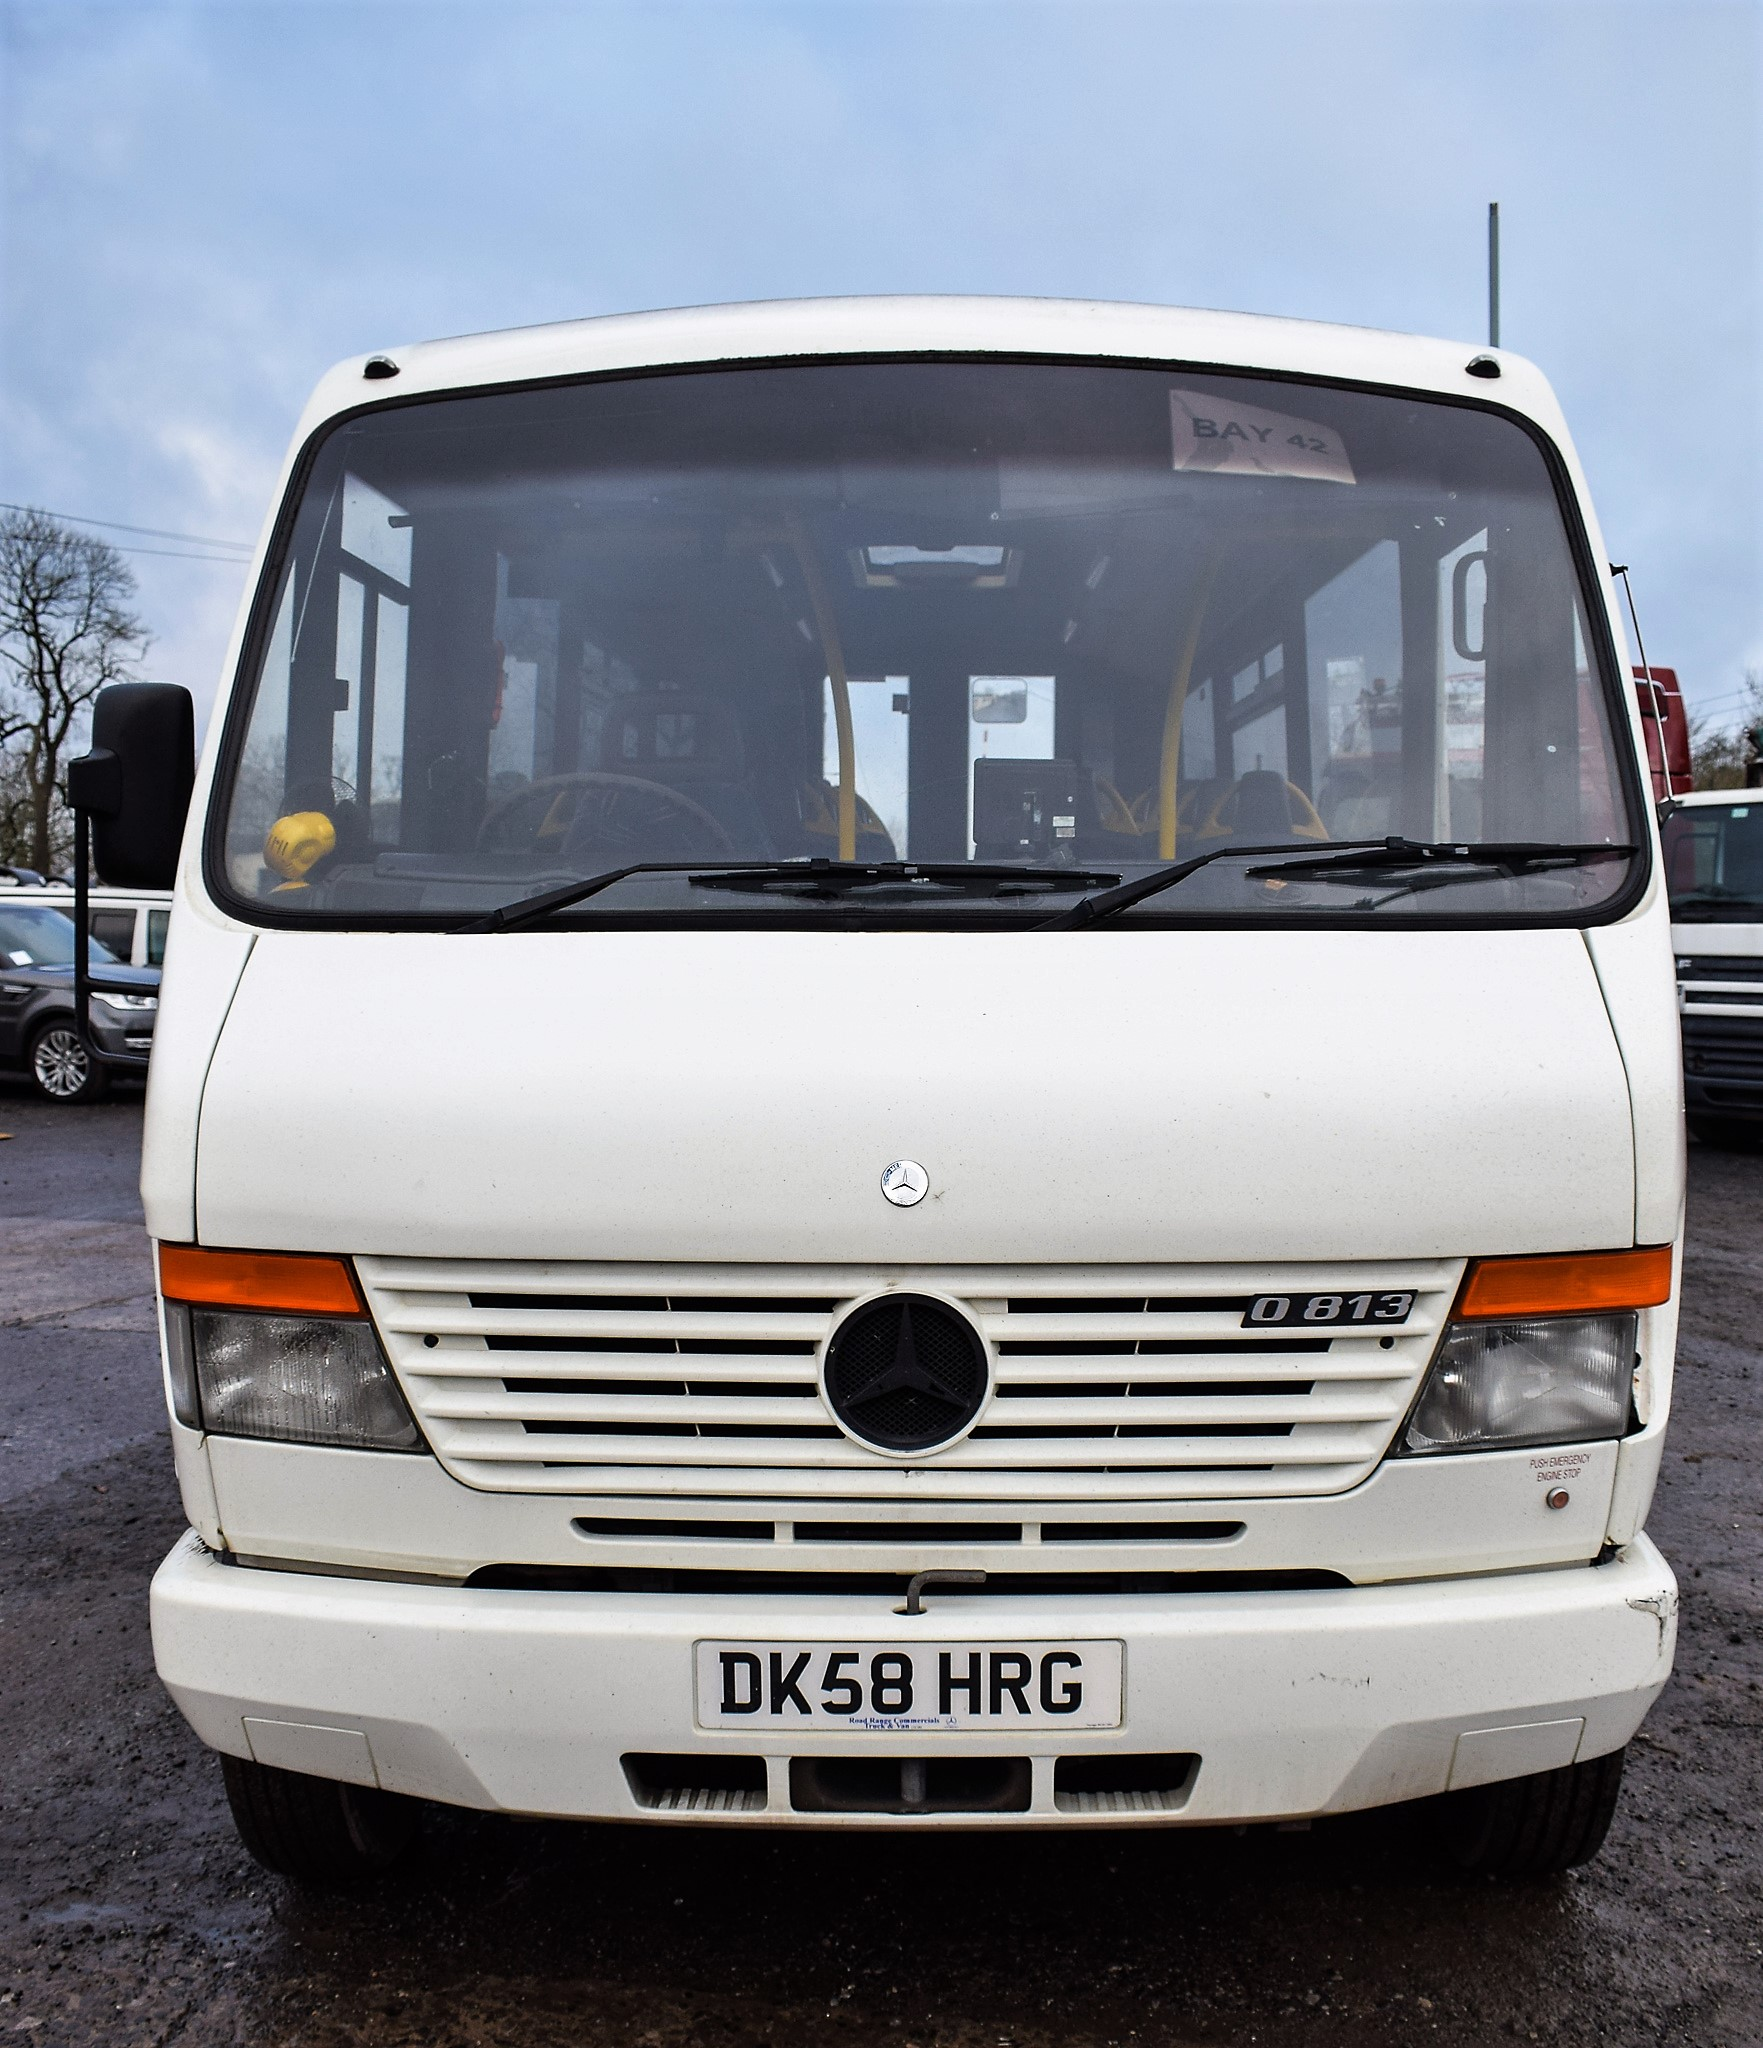 Lot 17A - Mercedes Benz O 813 24 seat mini bus Registration Number: DK58 HRG Date of Registration: 14/10/